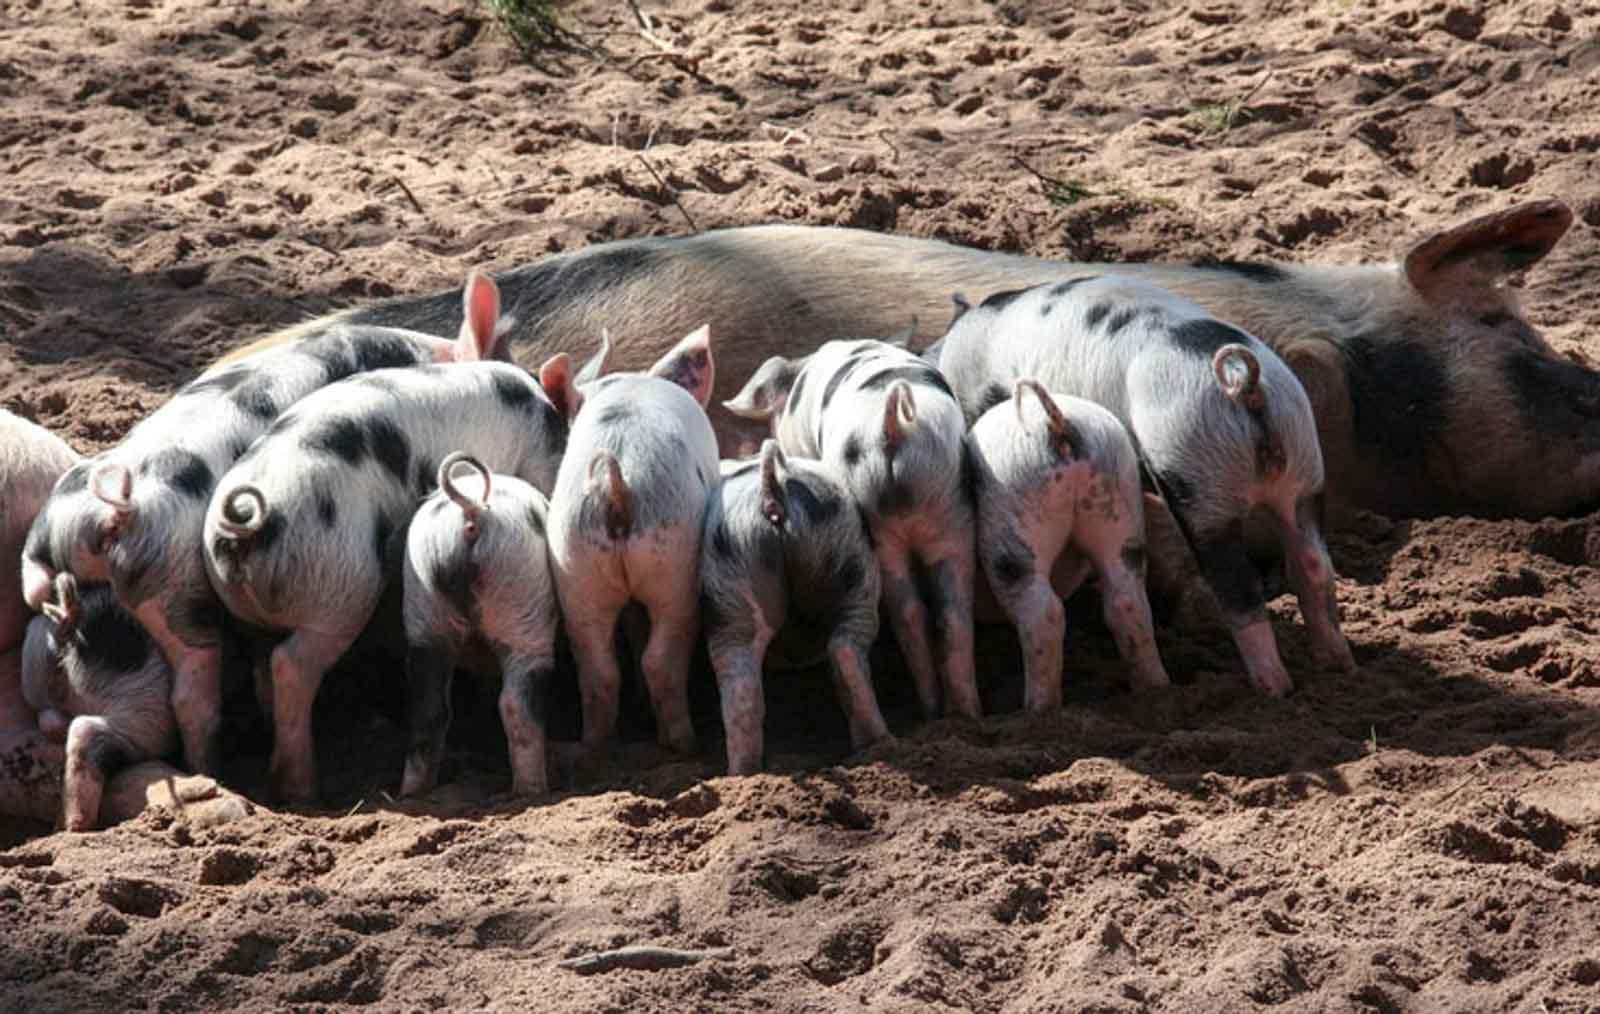 Mein armer Rücken, ihr Schweine!